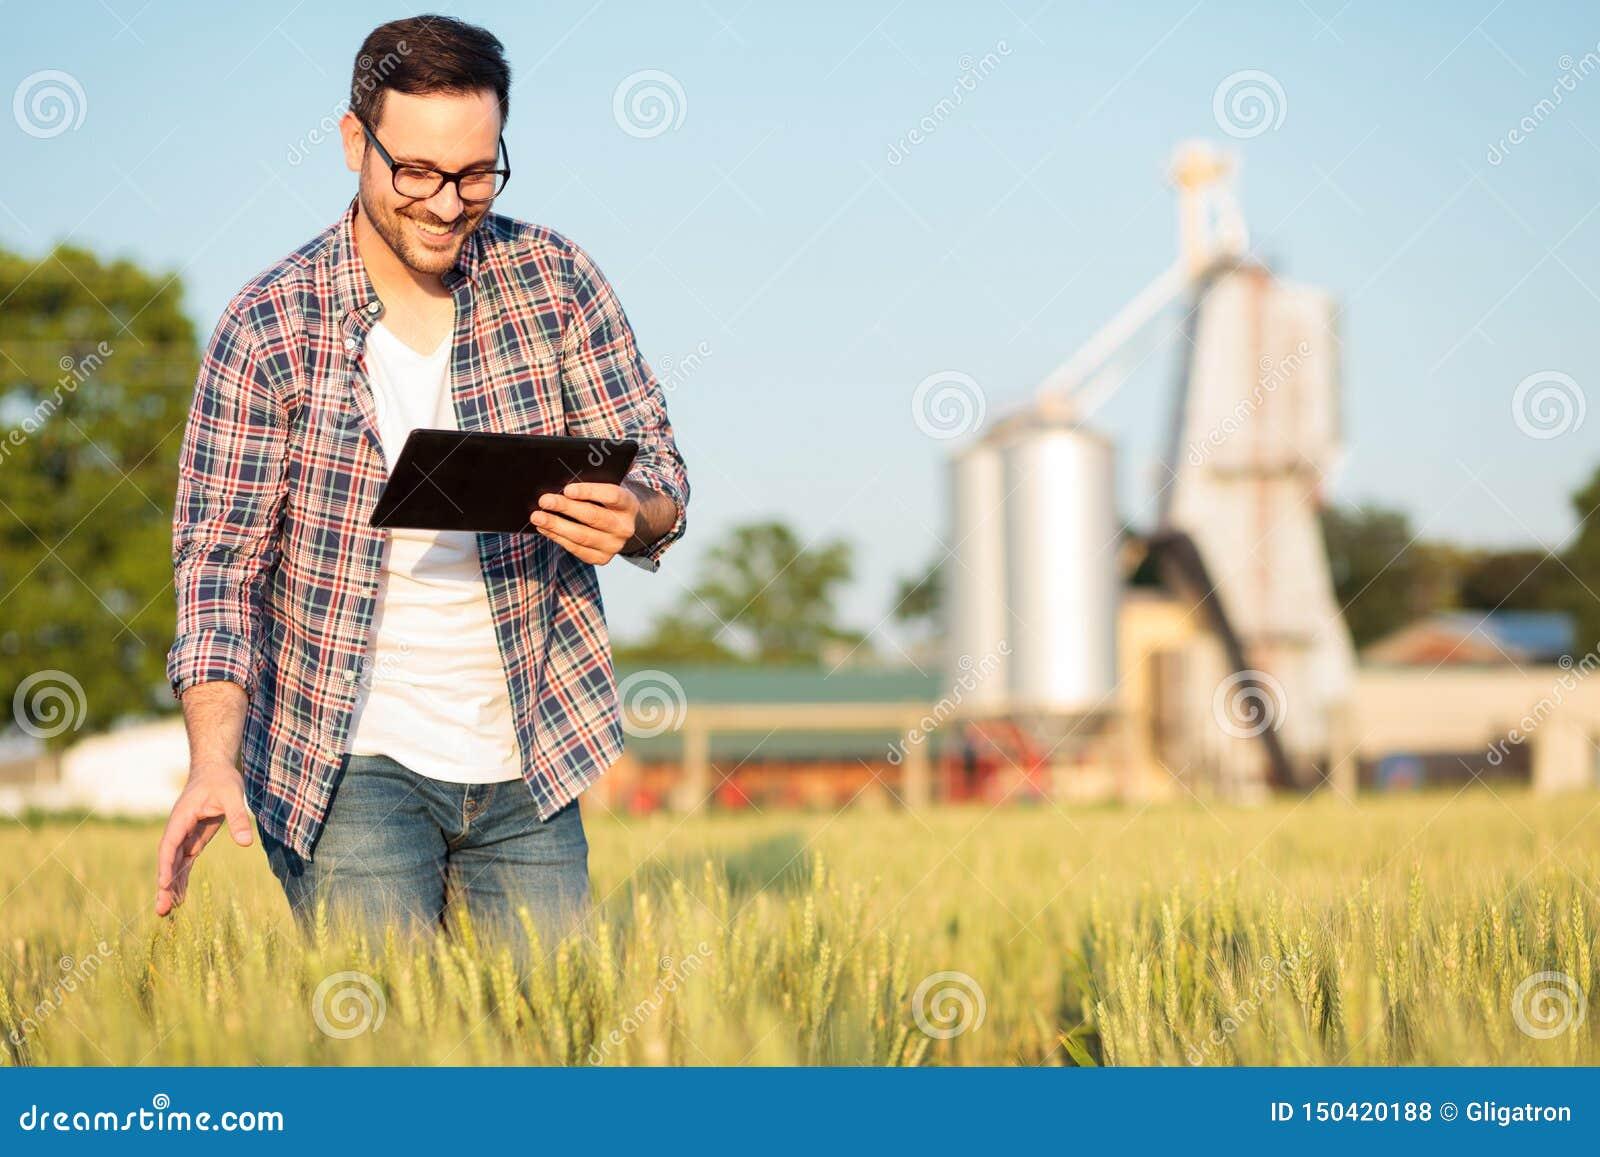 Jeune exploitant agricole ou agronome heureux inspectant des usines de blé dans un domaine, travaillant à un comprimé